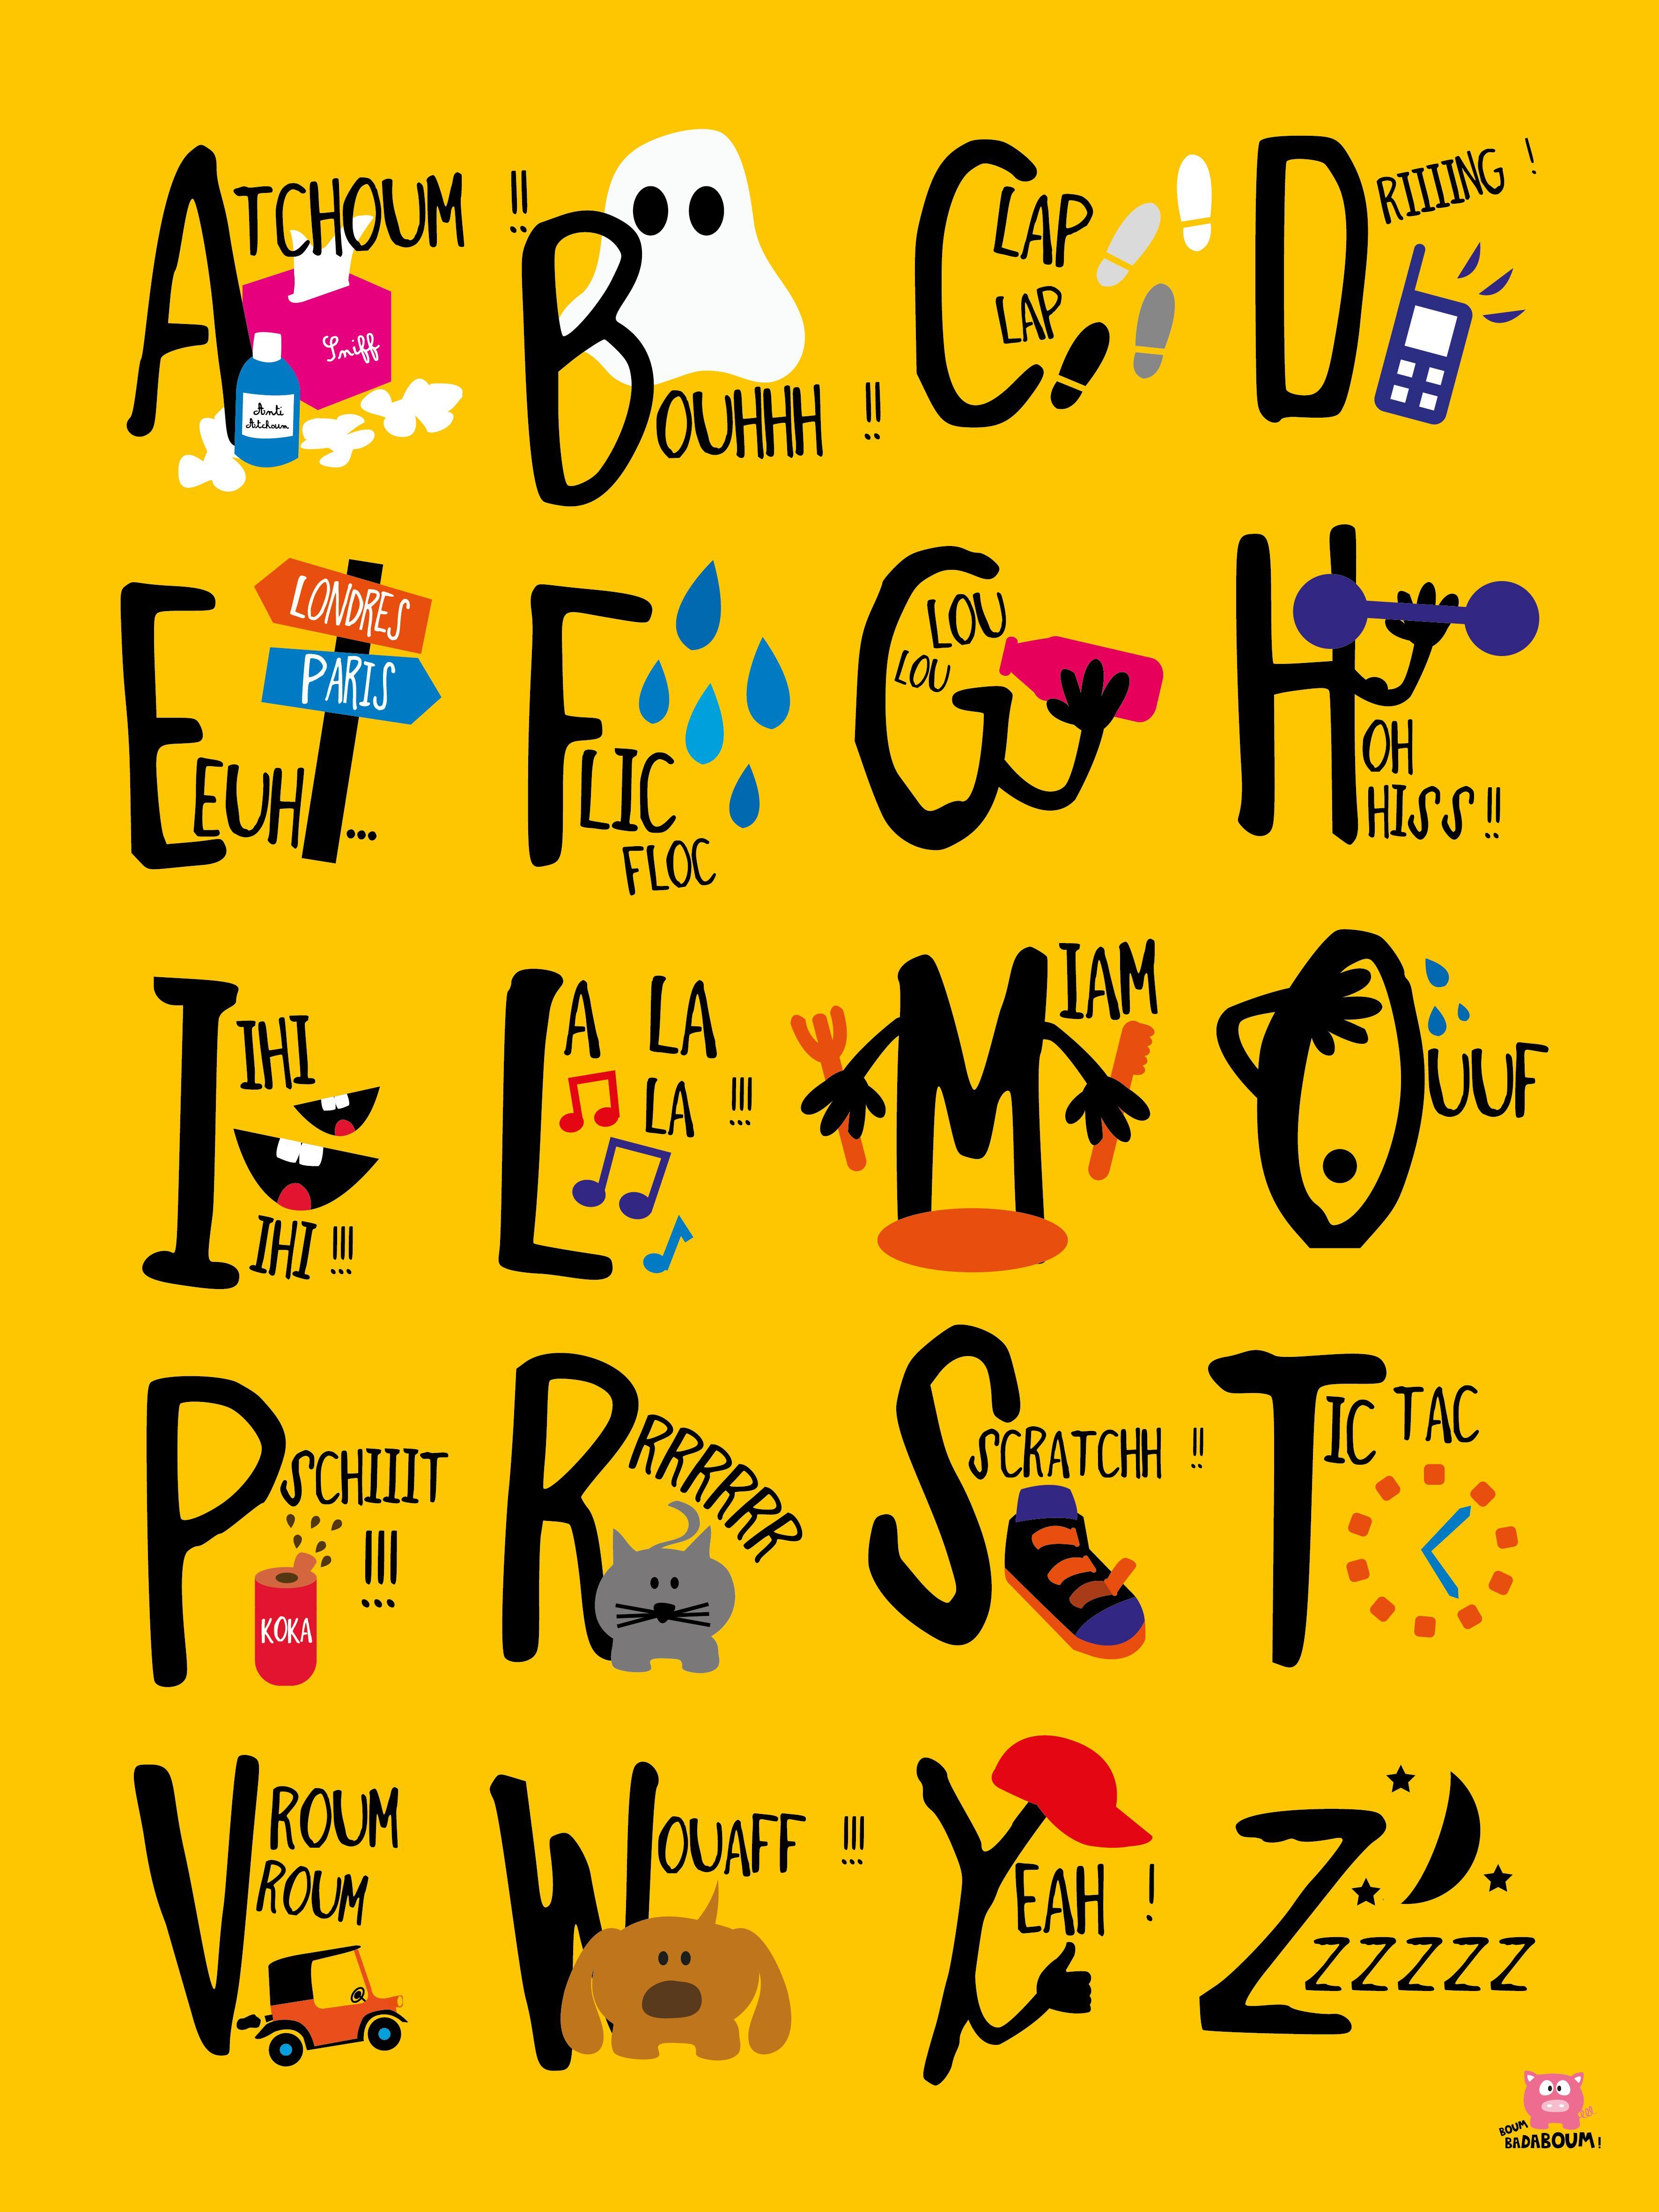 Abécédaire! Alphabet francais, Abécédaire, Onomatopée